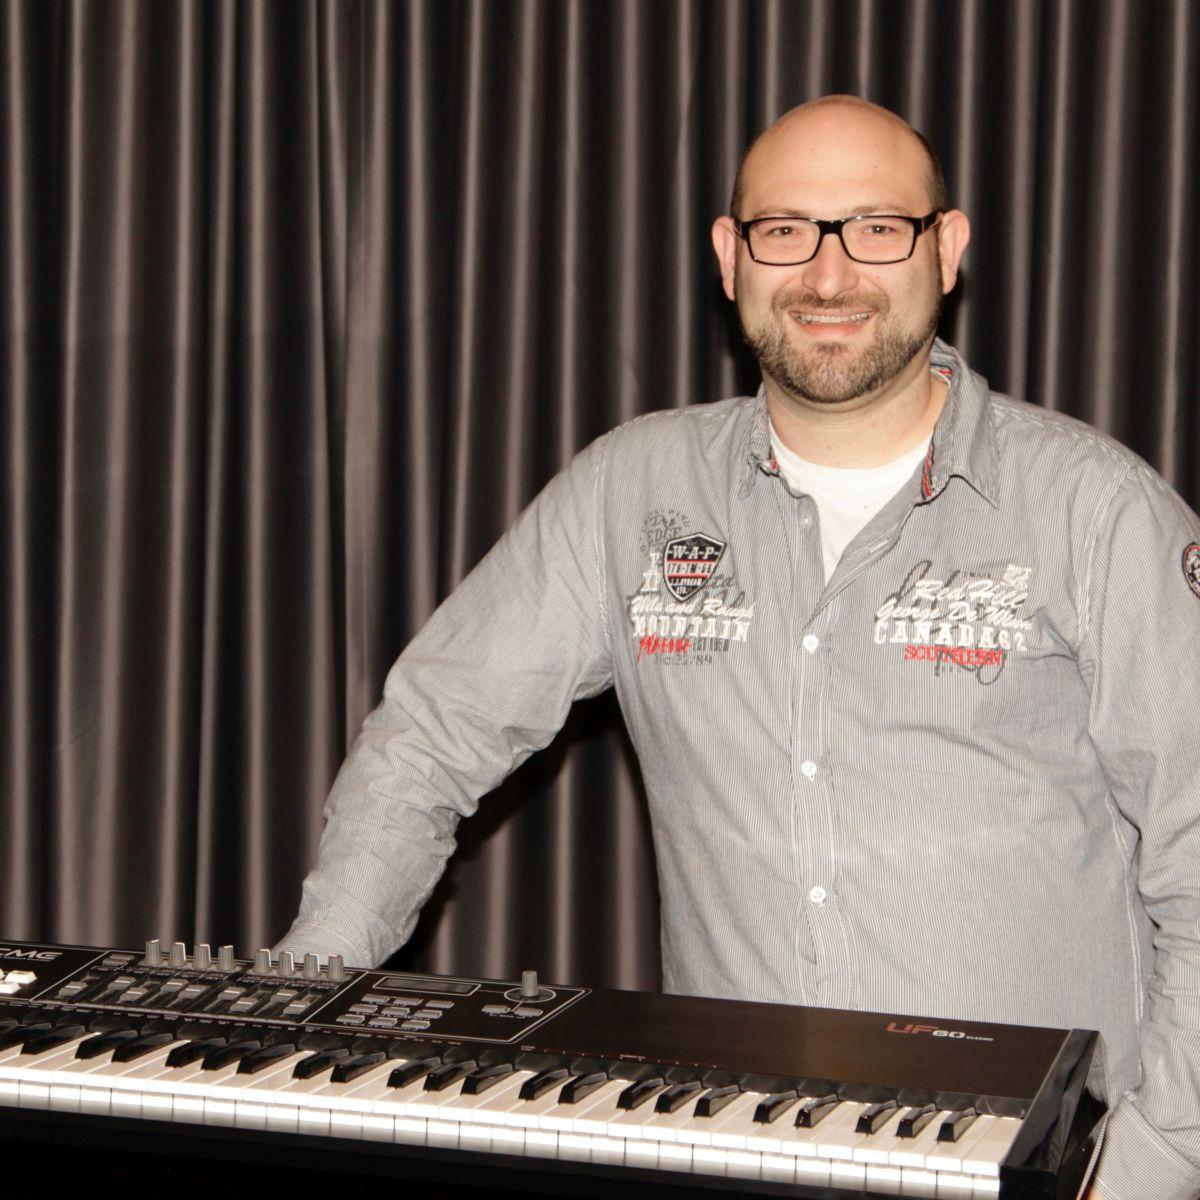 Bild von Bernd Glück am Keyboard